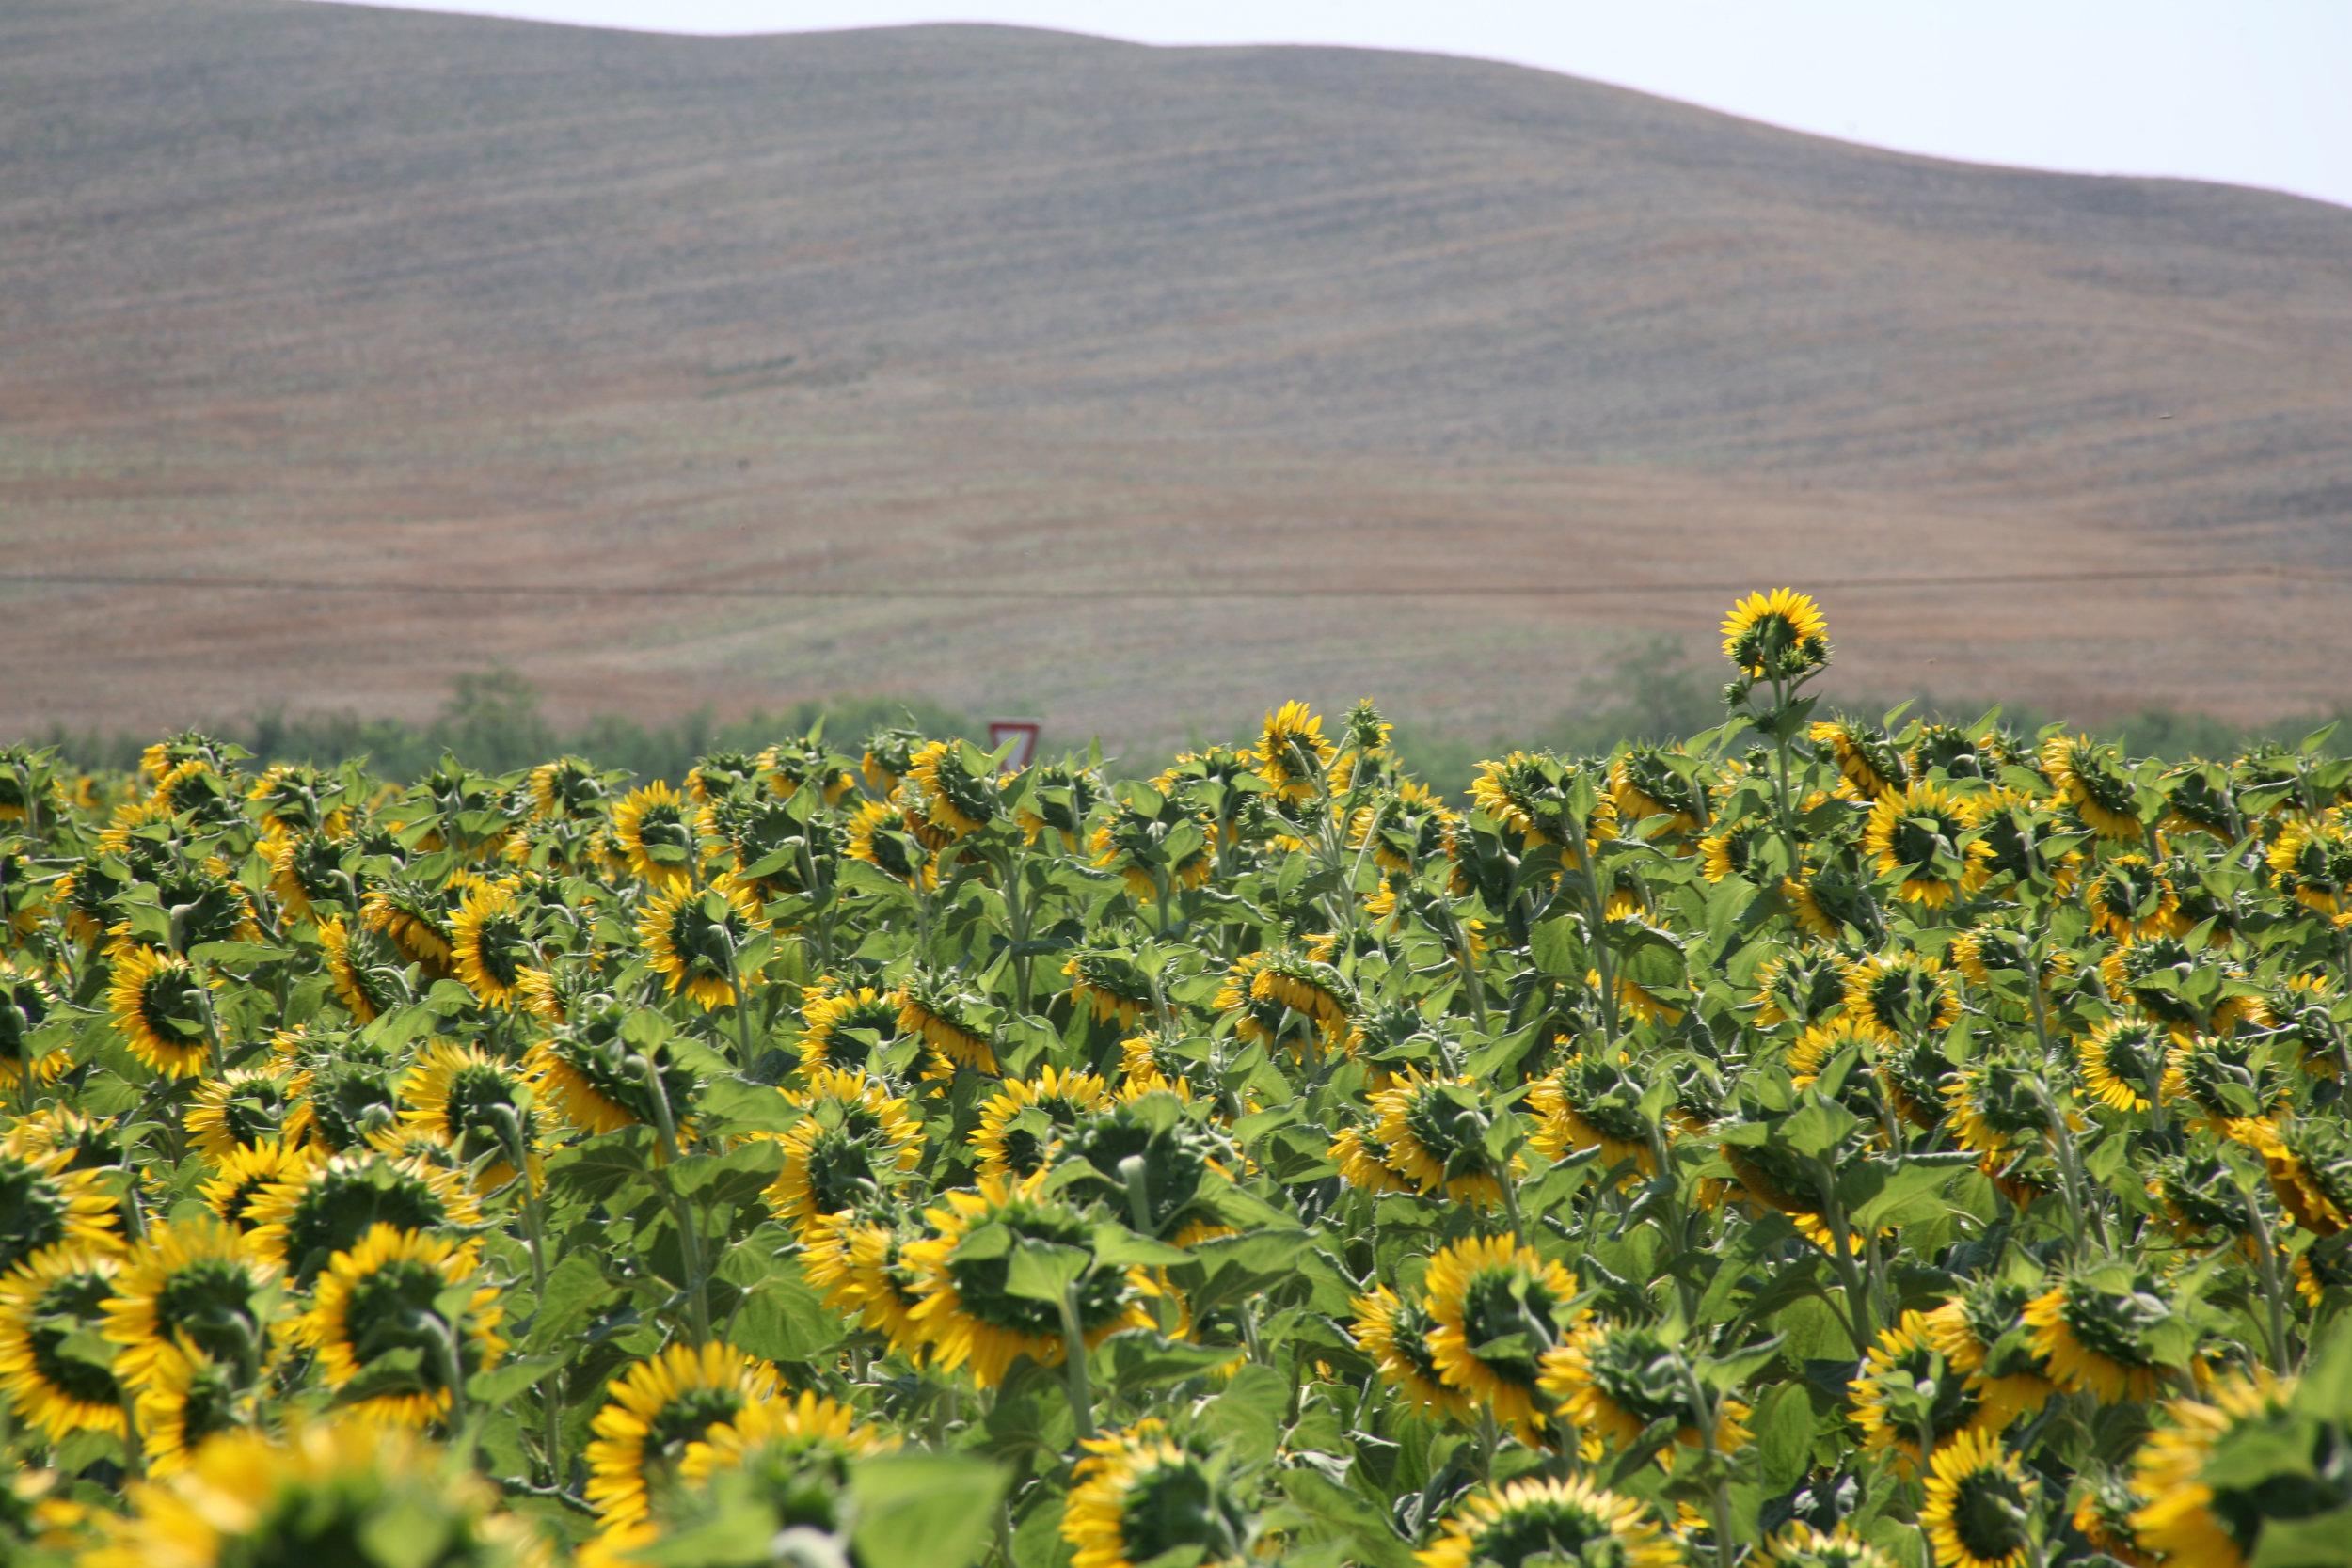 Sunflowers, Siena, Toscana